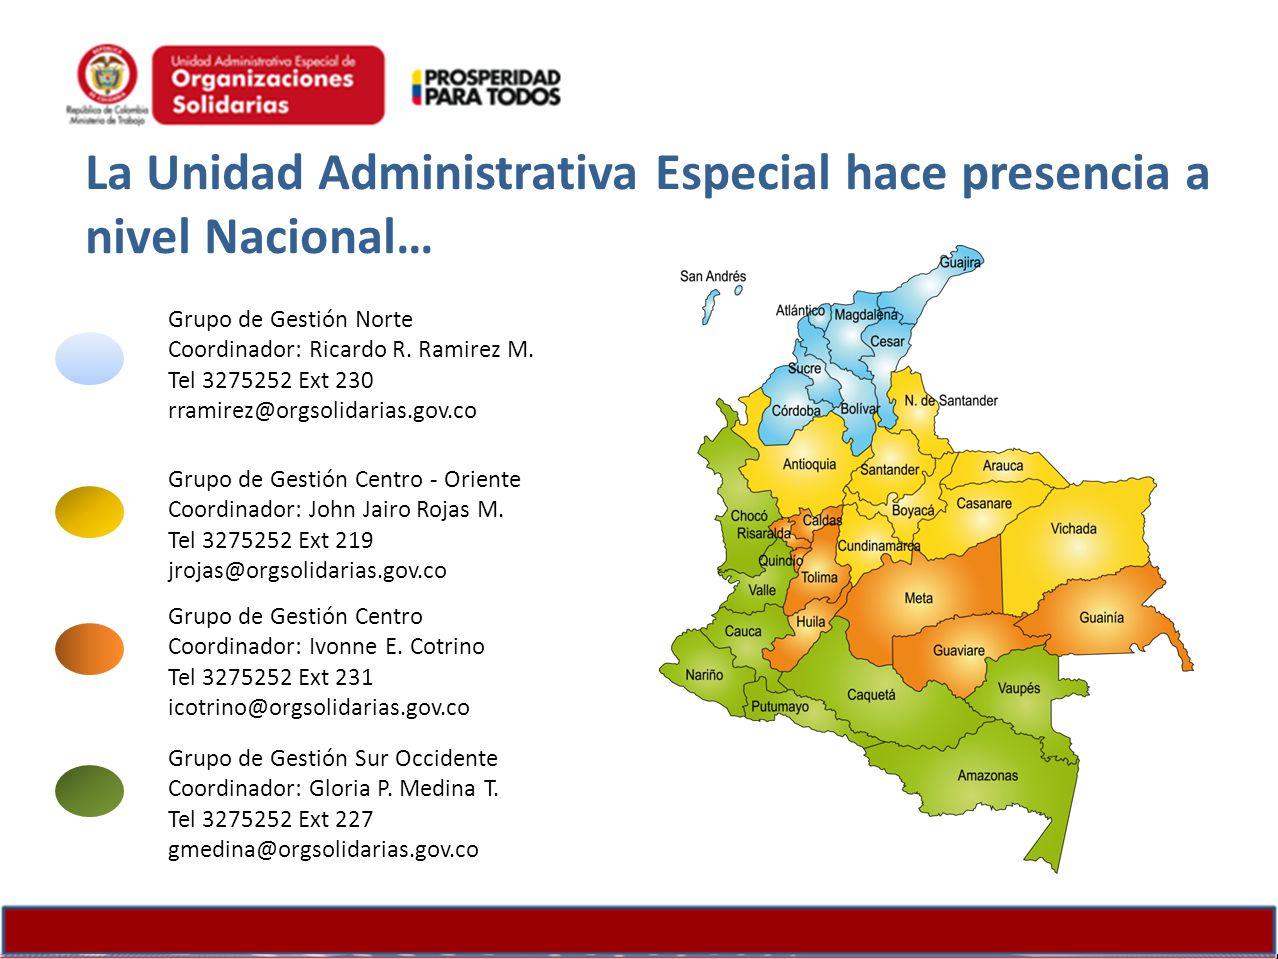 La Unidad Administrativa Especial hace presencia a nivel Nacional… Grupo de Gestión Norte Coordinador: Ricardo R. Ramirez M. Tel 3275252 Ext 230 rrami